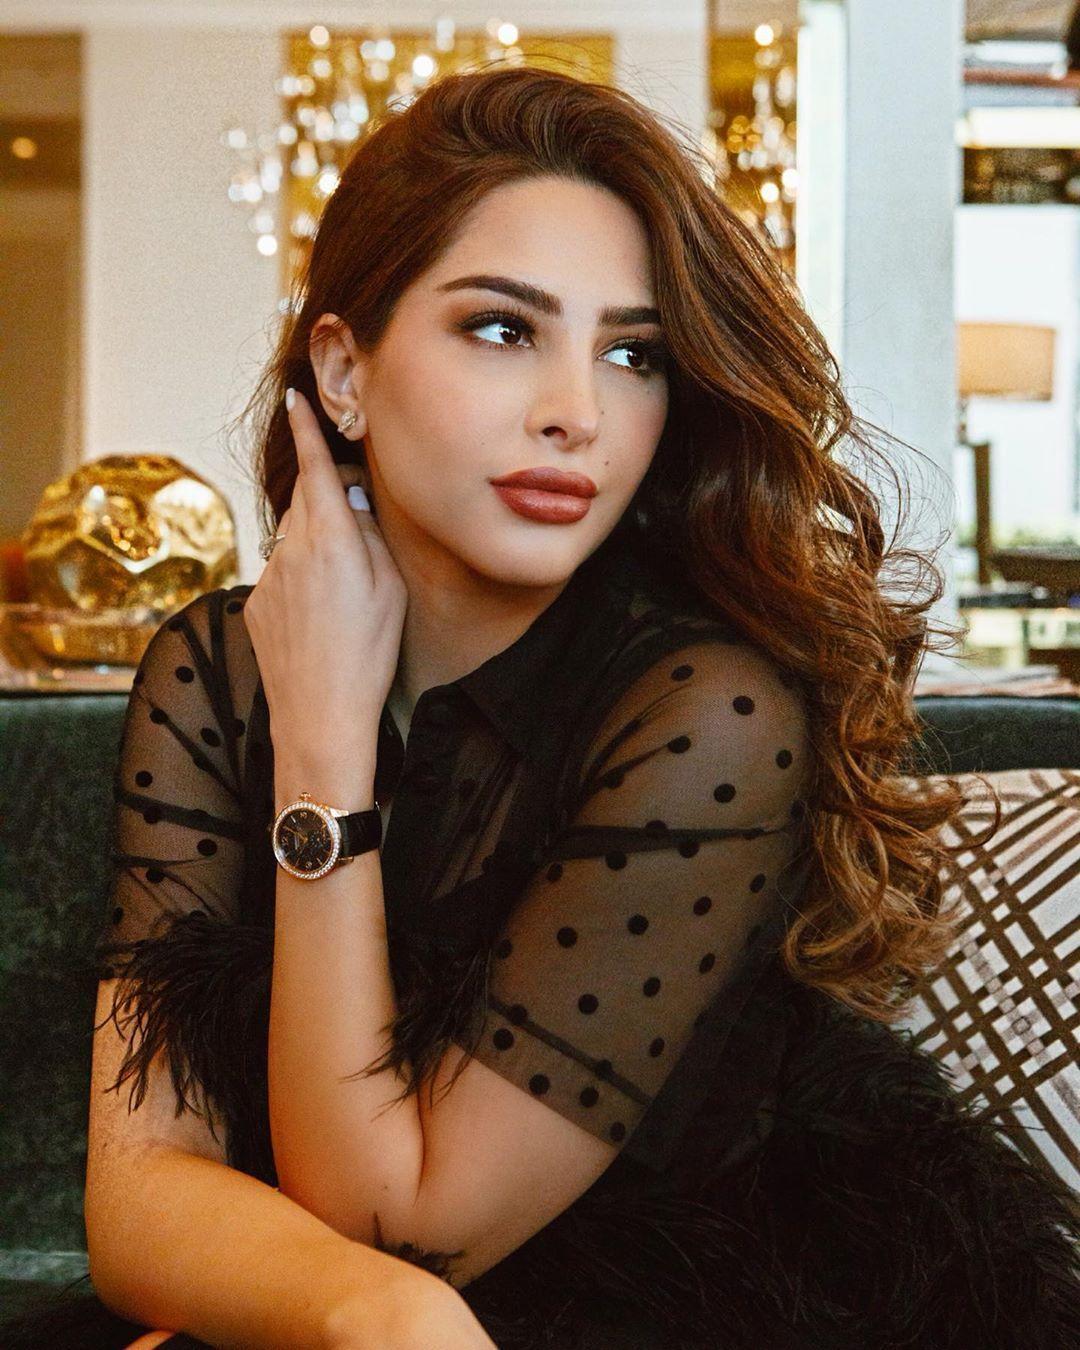 Fouz Alfahad فوز الفهد Beautiful Arab Women Arab Women Persian Women